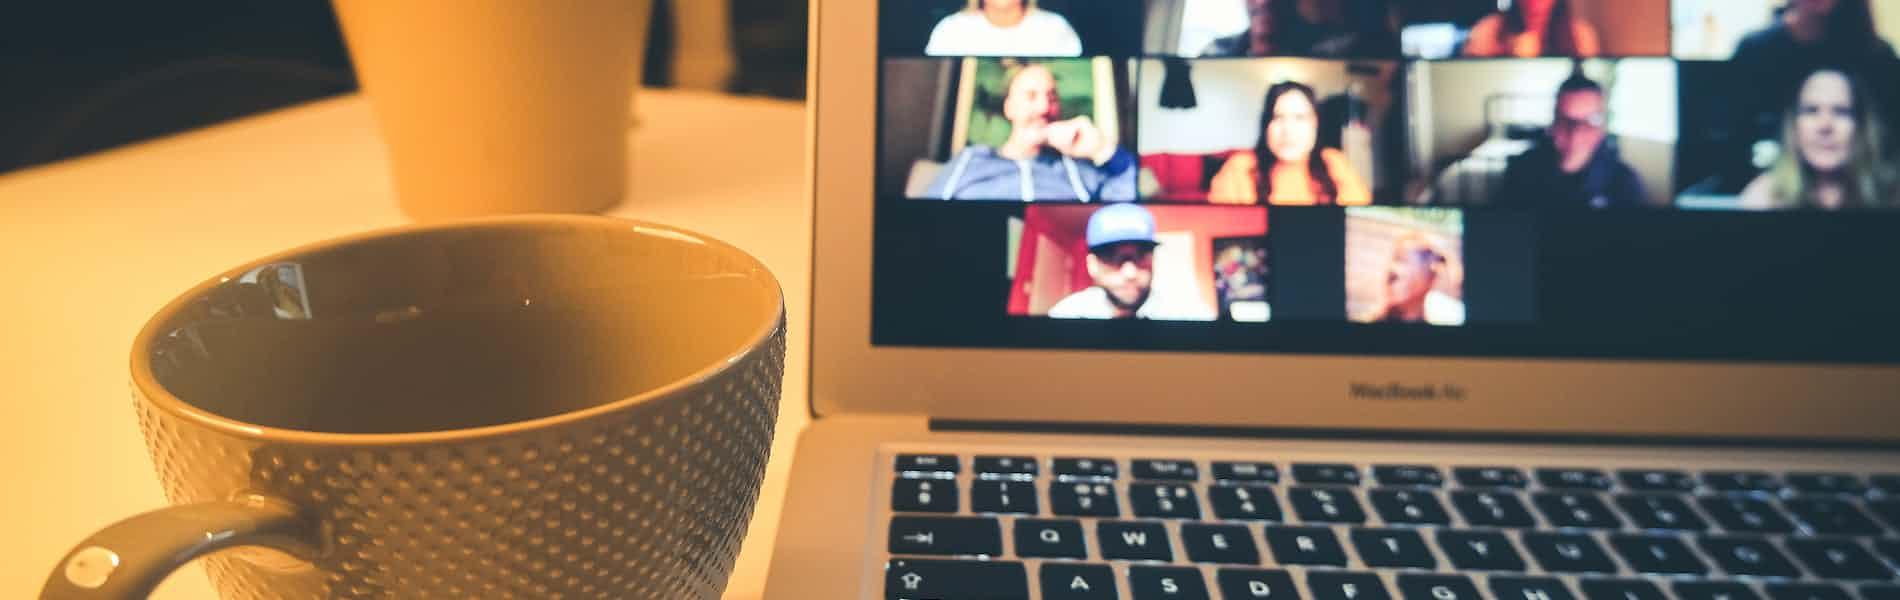 שייכות ומשמעות מעבר למסך: מרחב פוטנציאלי קבוצתי במפגש מקוון